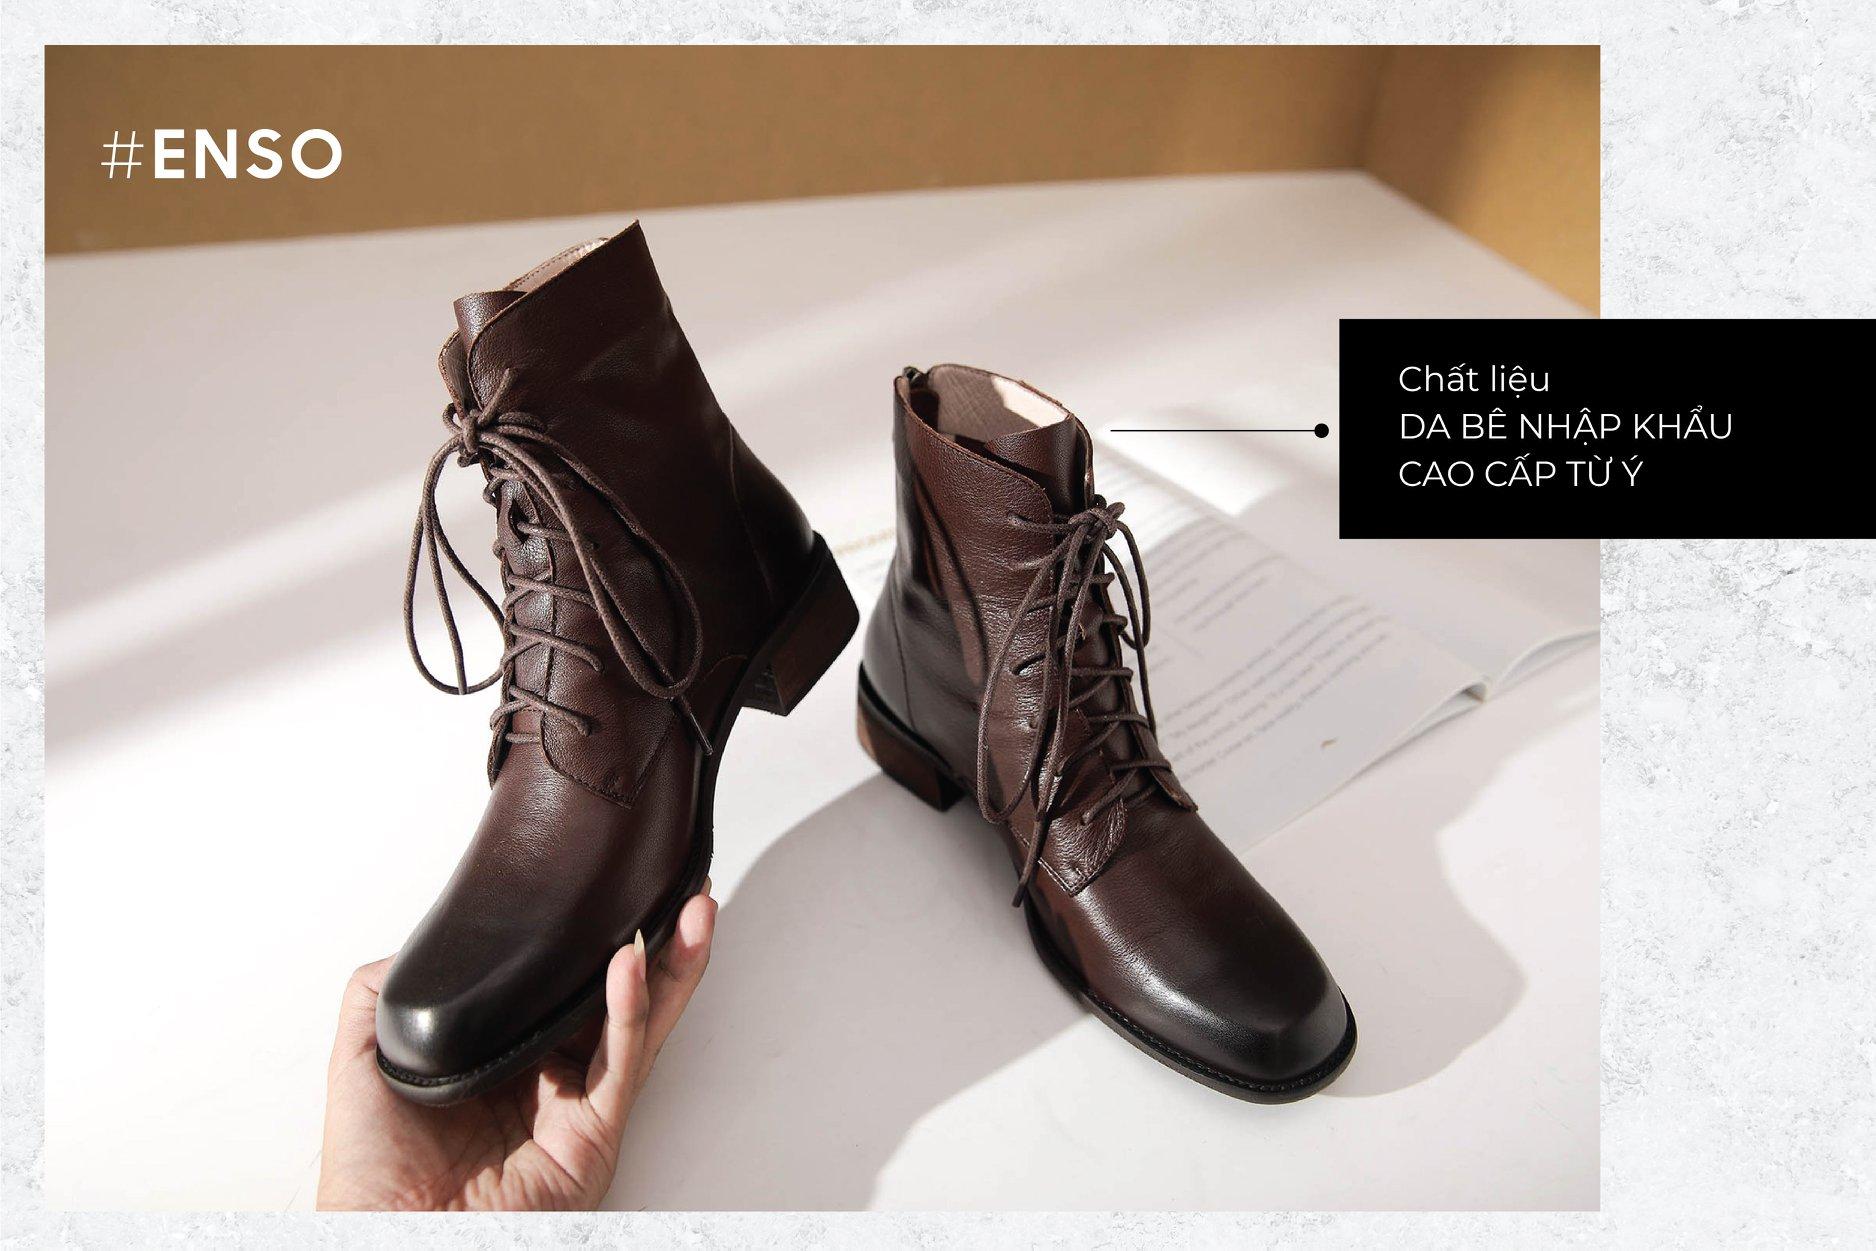 10 địa chỉ bán boots da chuẩn đẹp - Ảnh 9.